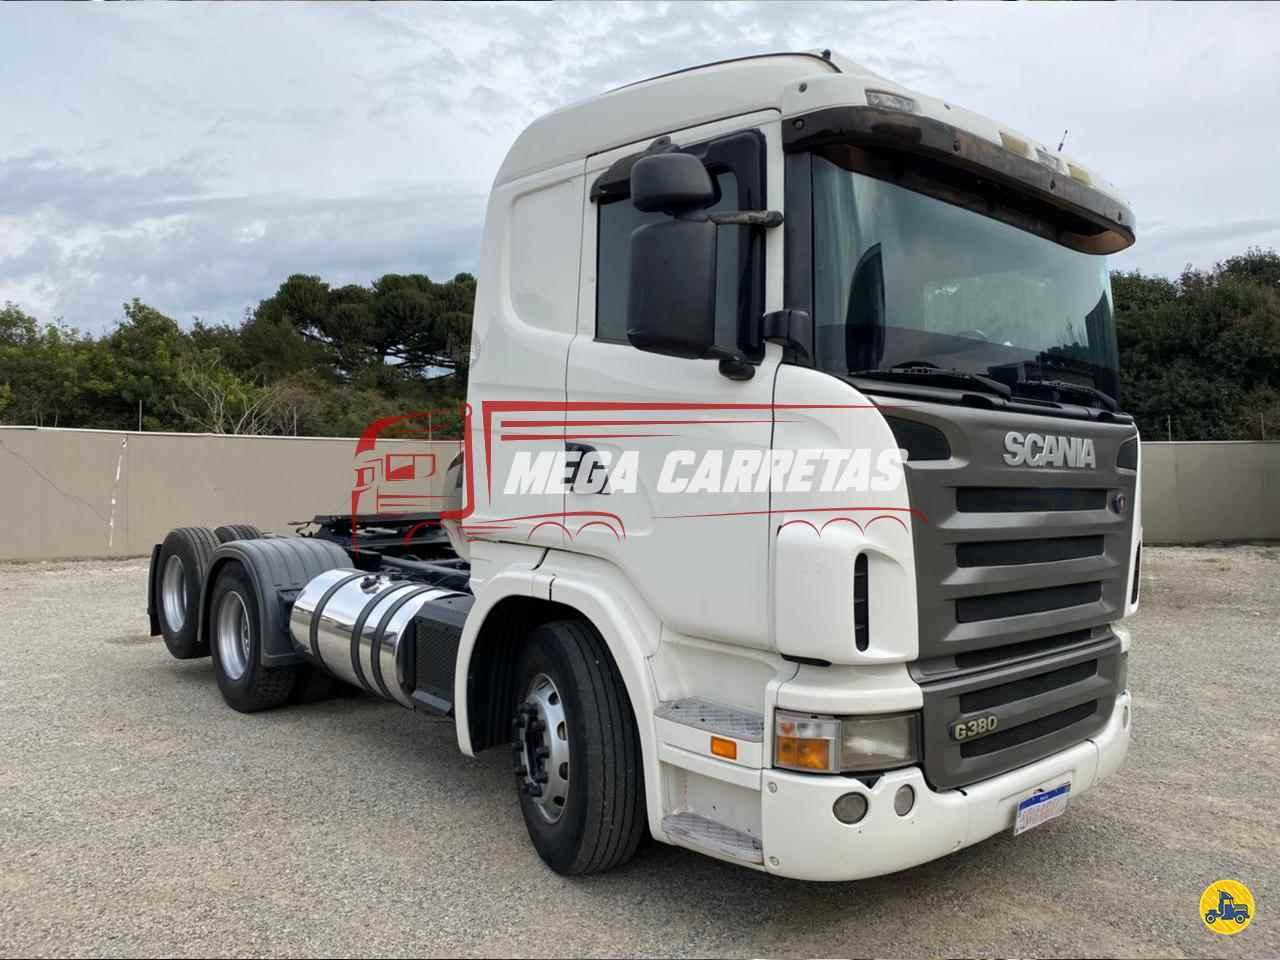 CAMINHAO SCANIA SCANIA 380 Cavalo Mecânico Truck 6x2 Mega Carretas COLOMBO PARANÁ PR